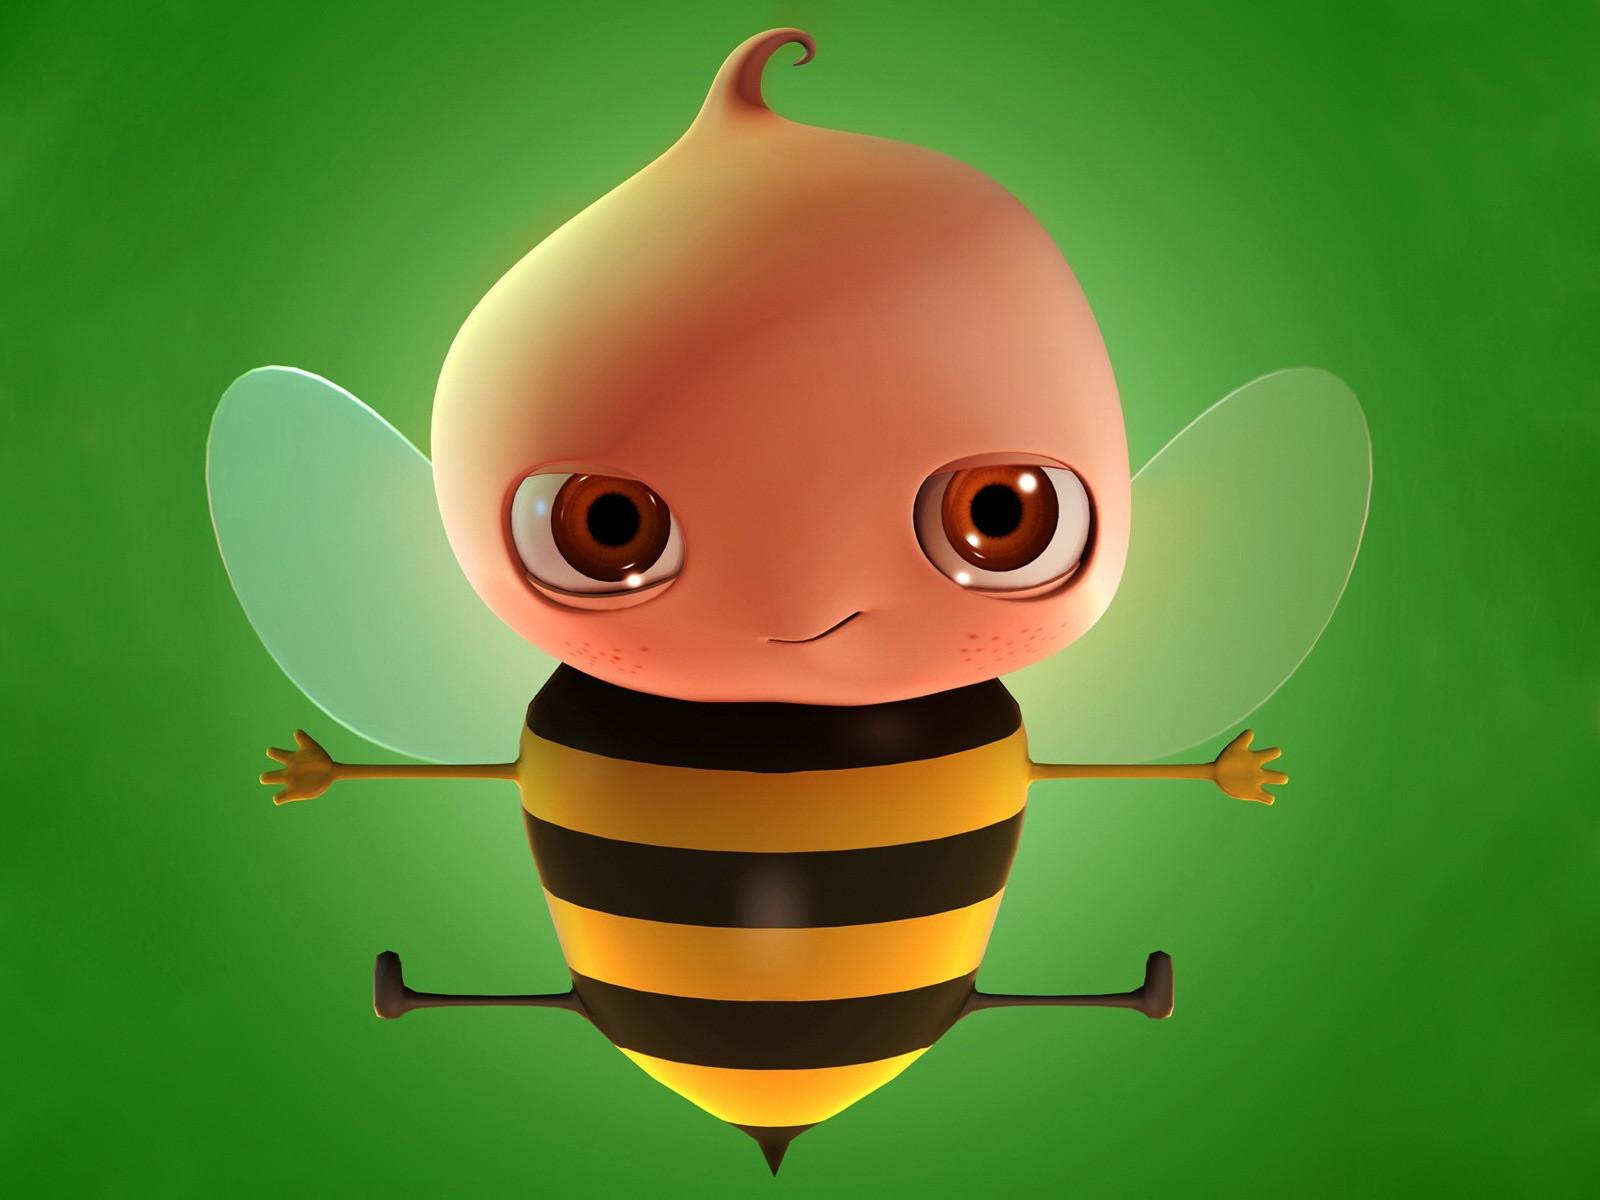 Новогодней открытке, картинки с пчелами смешные